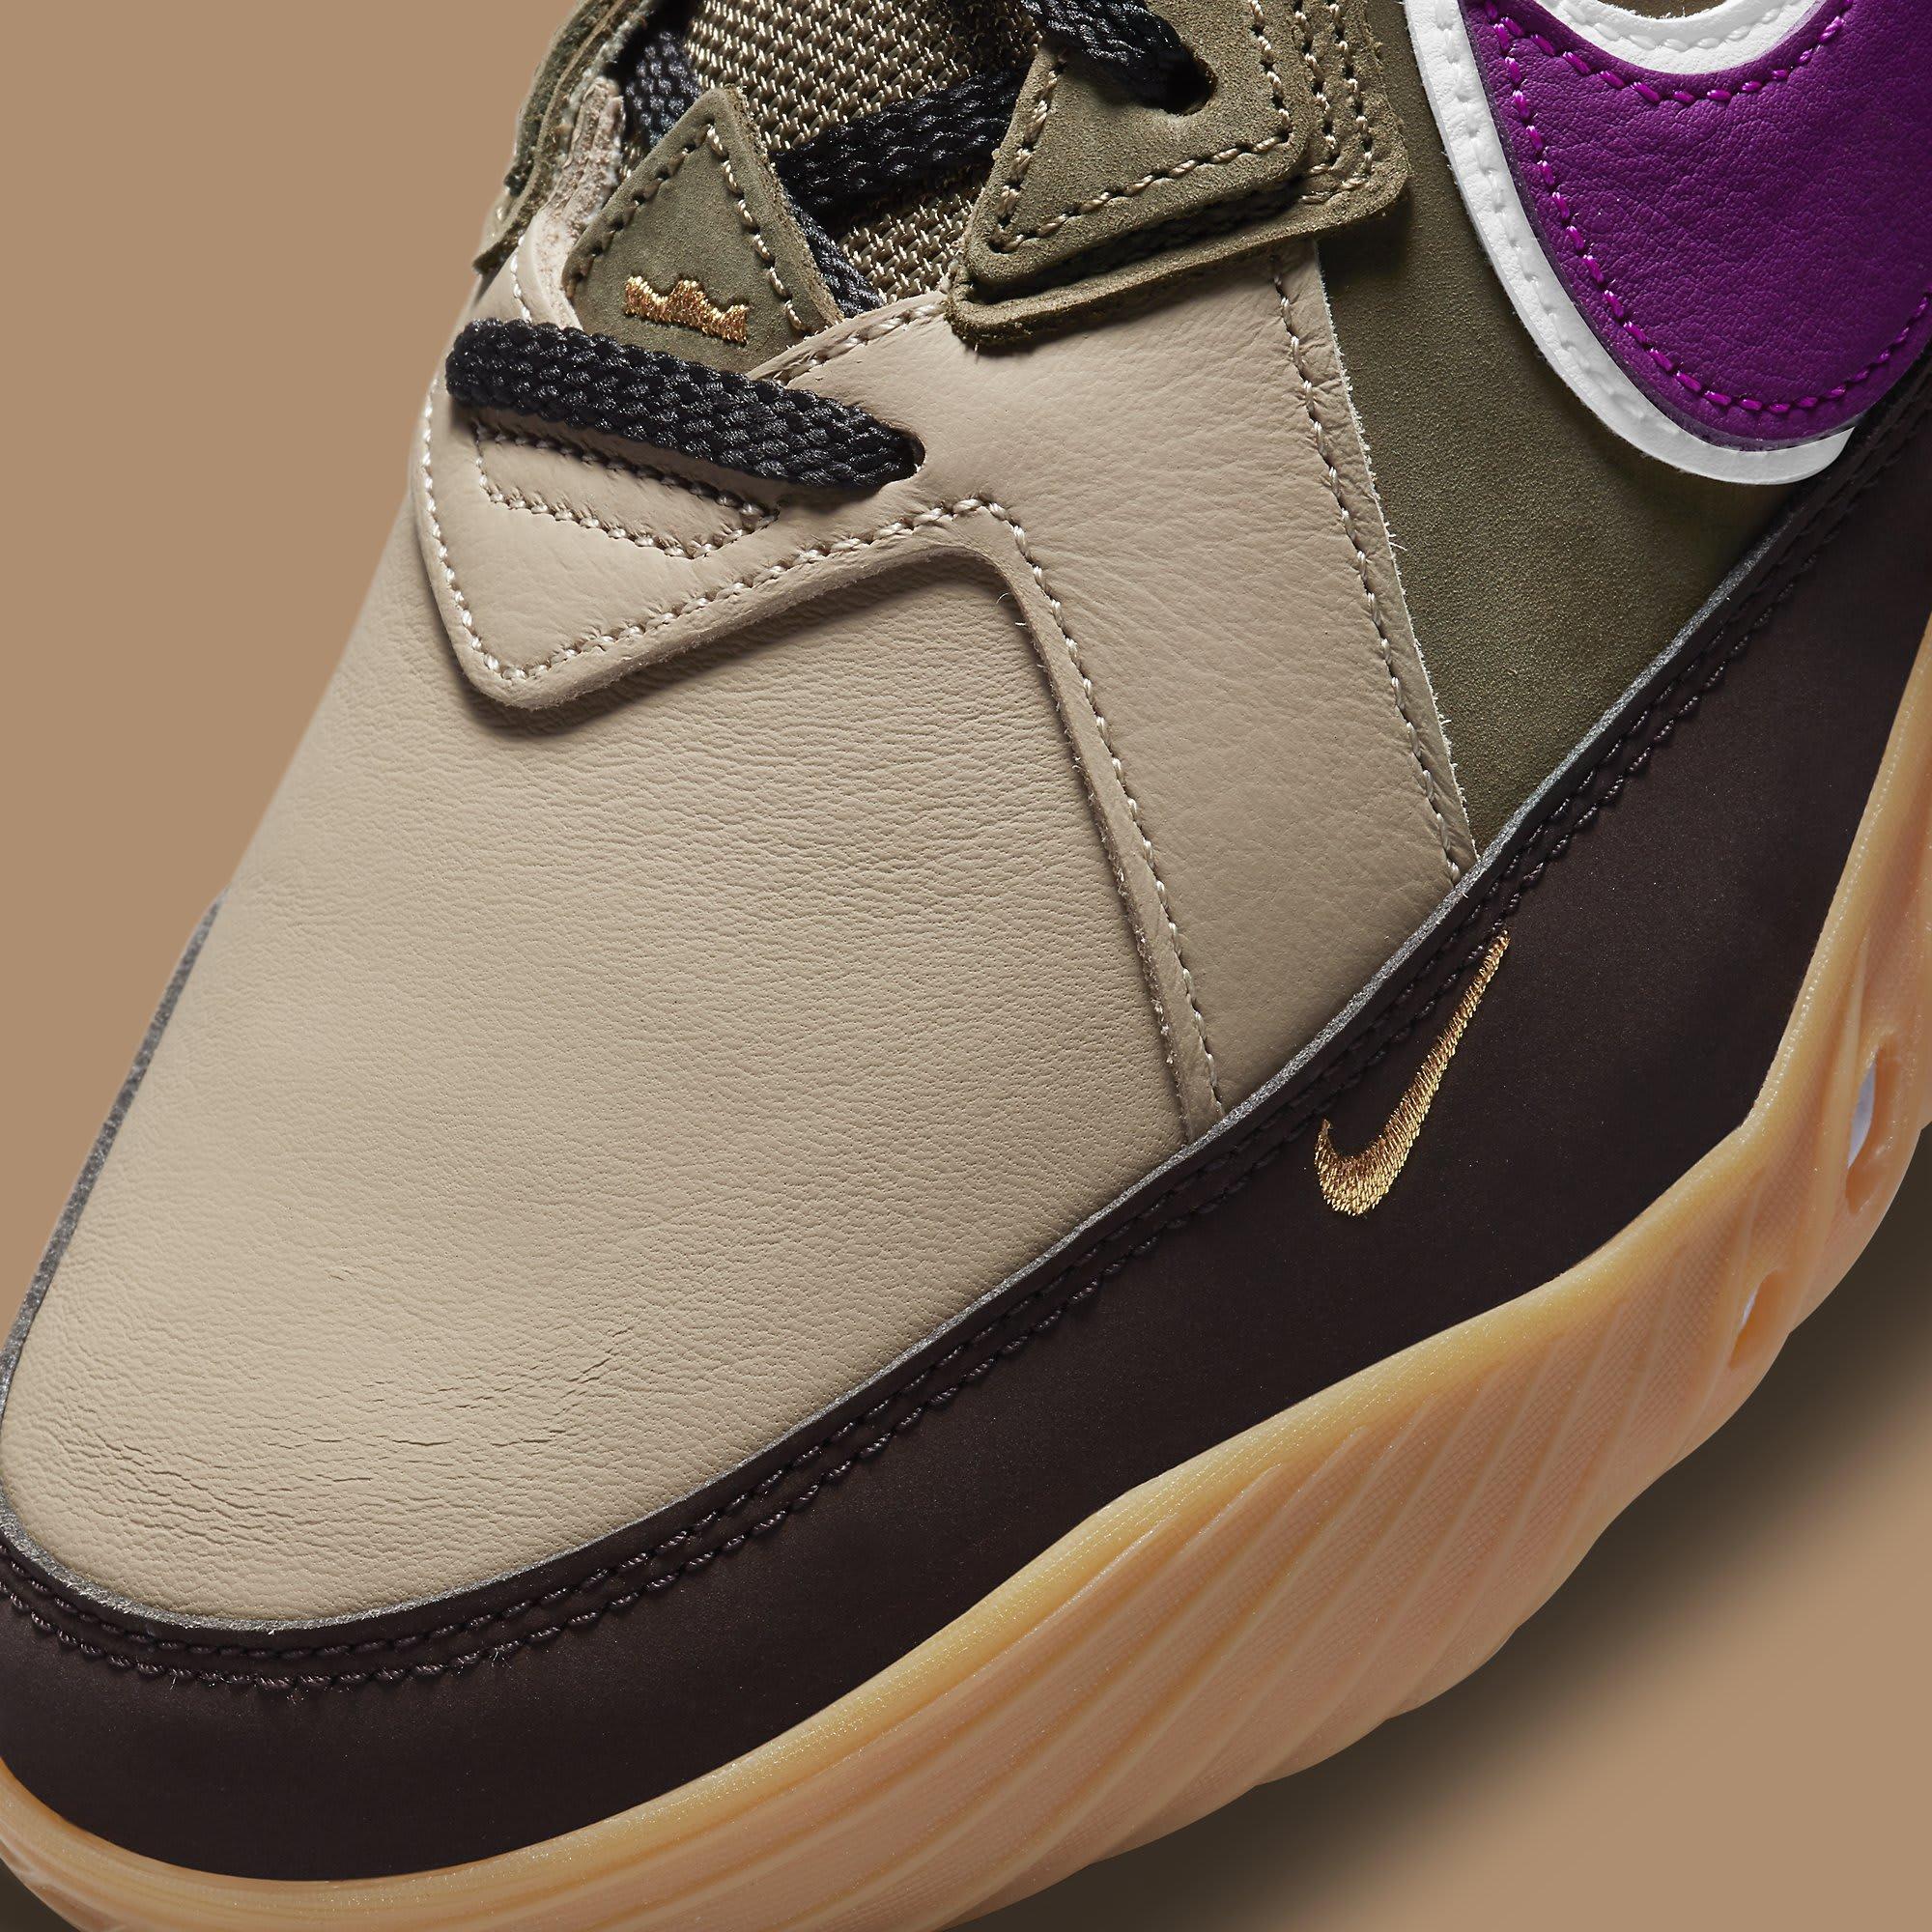 Atmos x Nike LeBron 18 Low 'Viotech' CW5635-200 Toe